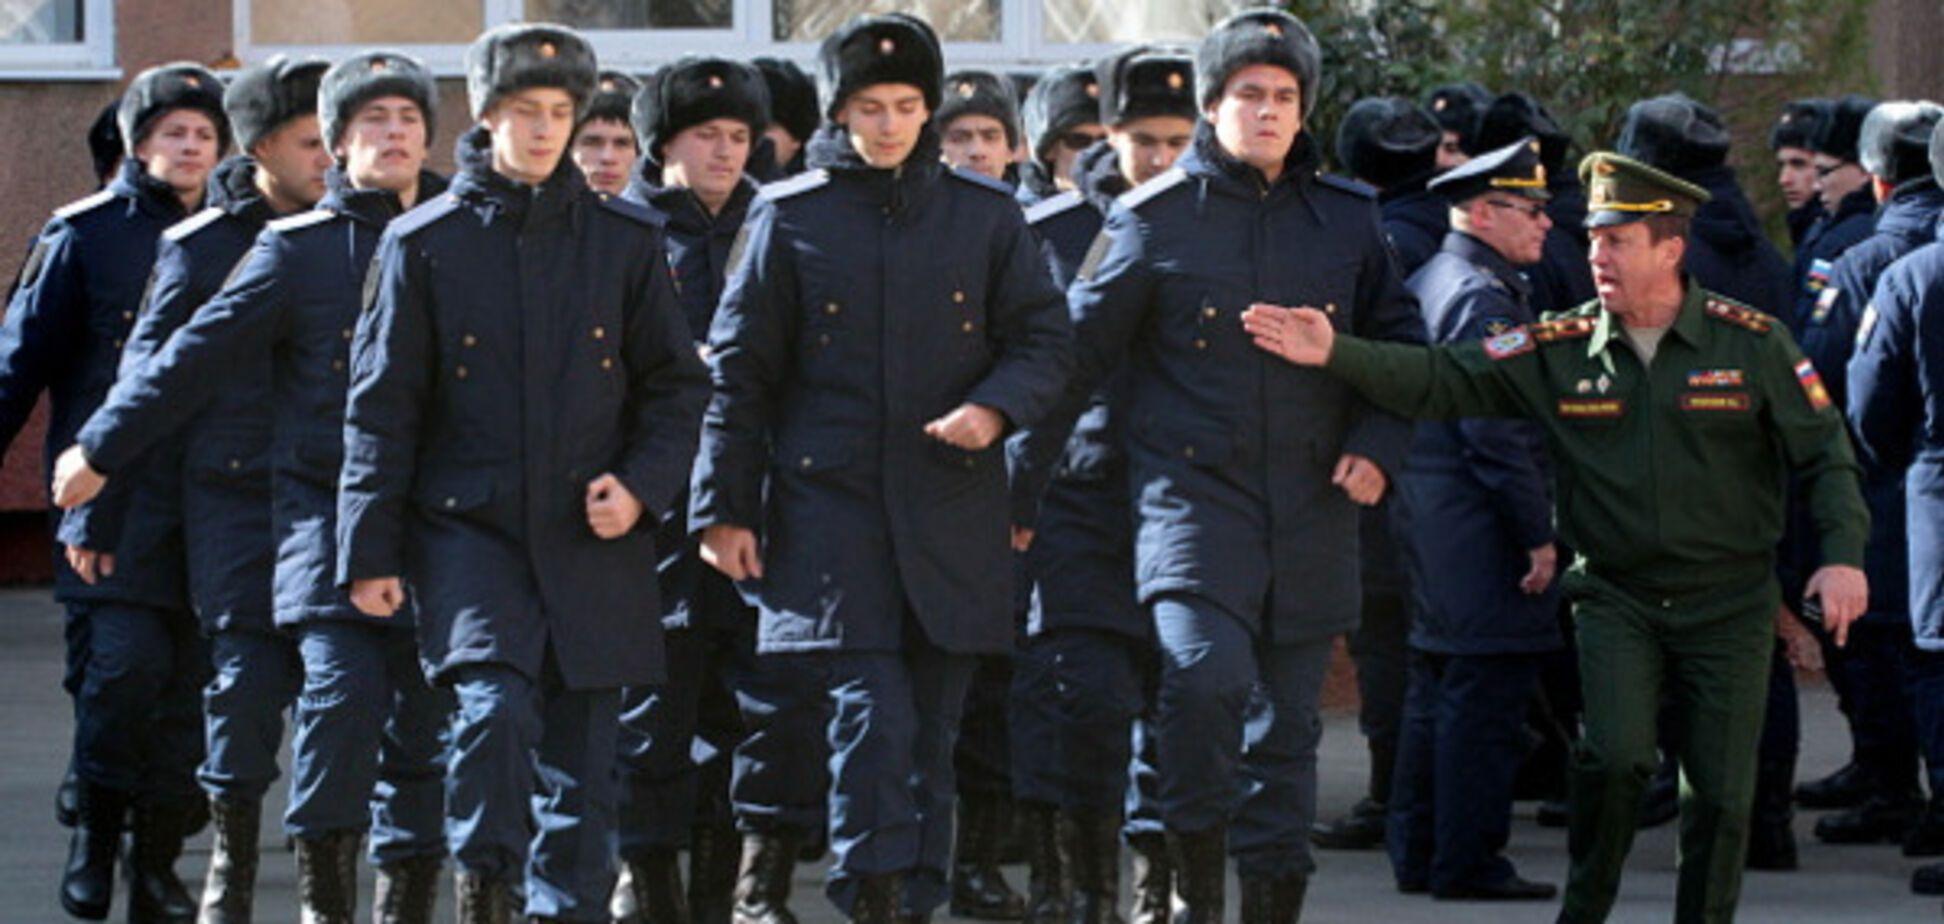 Не Камчатка, так Сибір: окупанти зобов'язали кримчан 'служити' в регіонах Росії